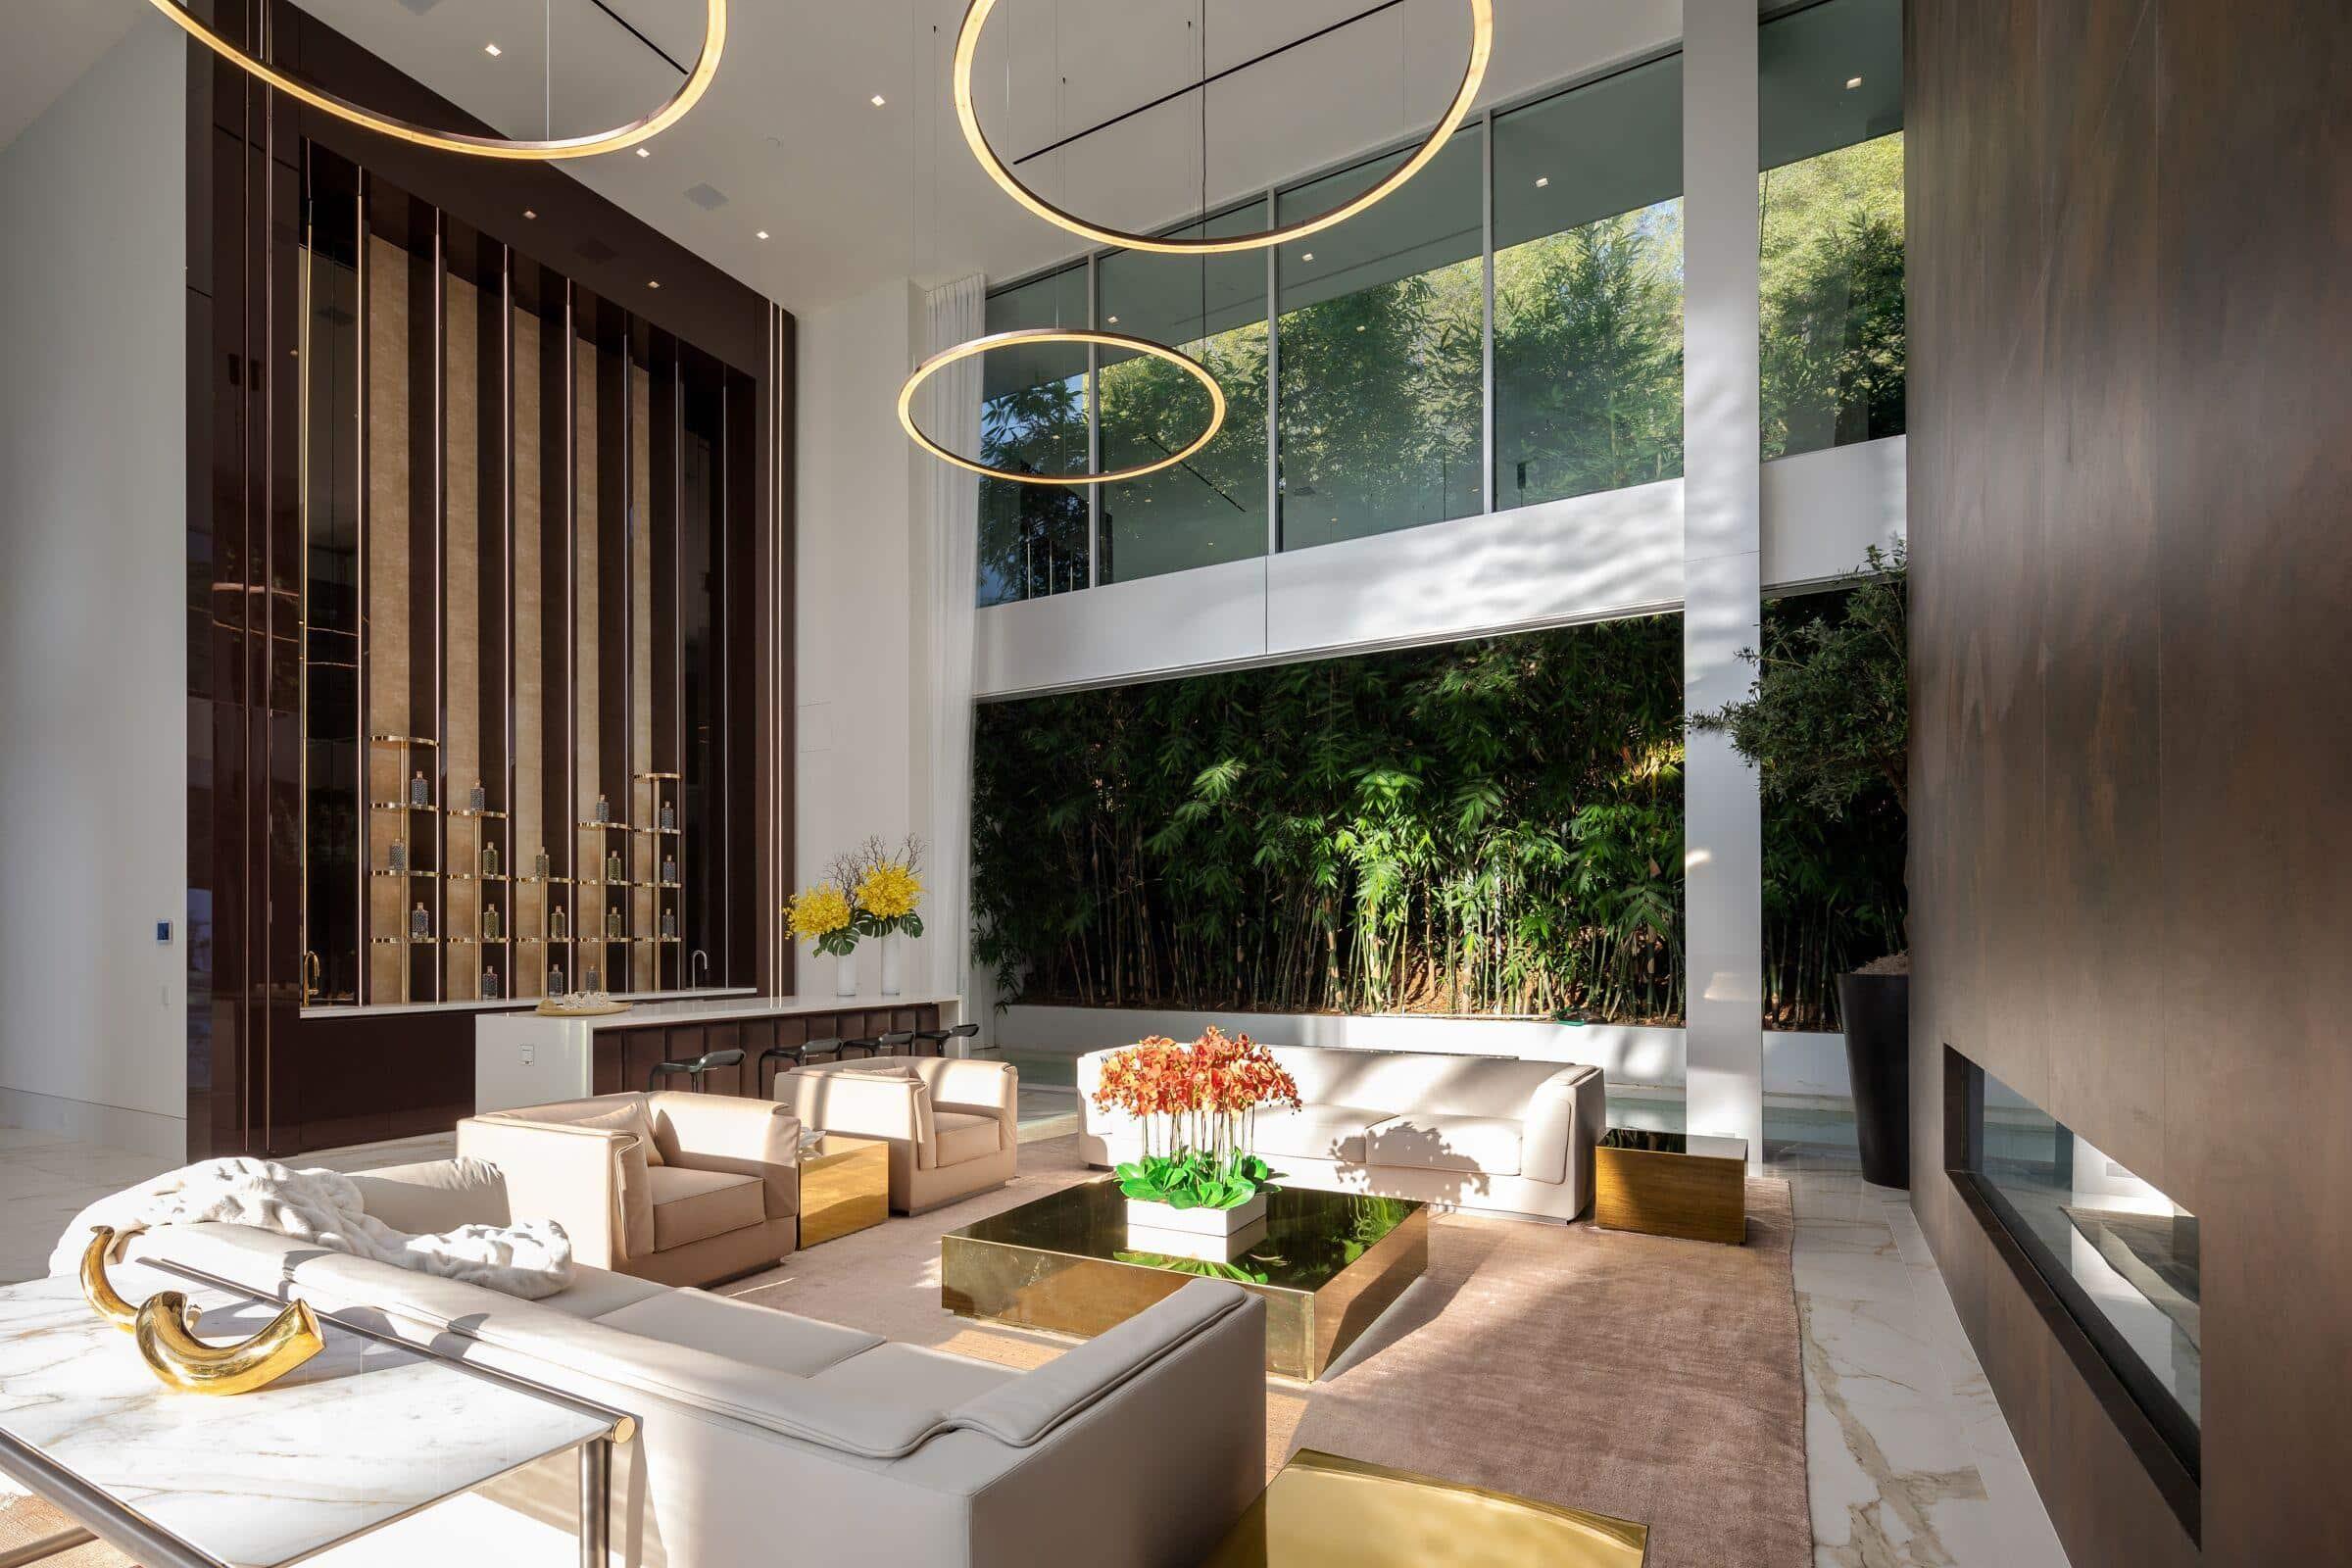 Nile Niami's Bel Air Dream House